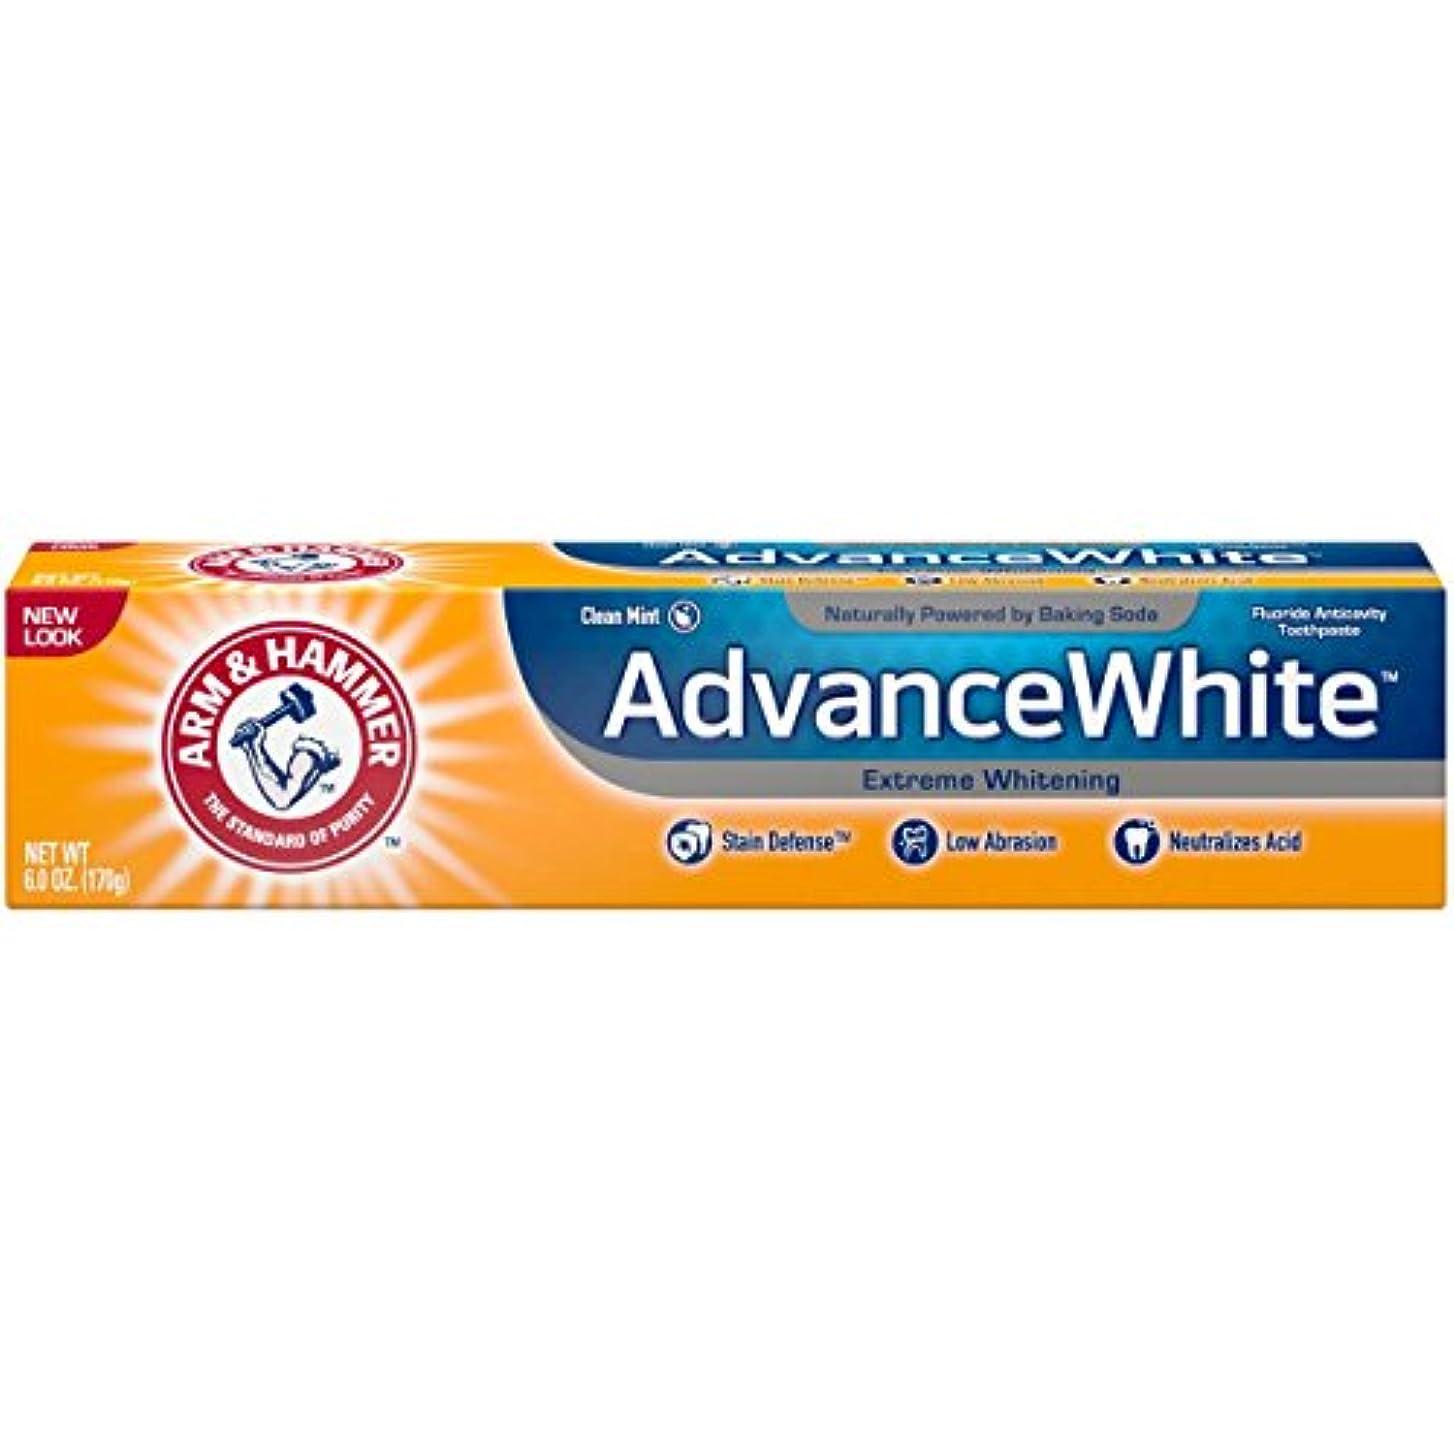 ぞっとするような多用途人柄Arm & Hammer アドバンスホワイトエクストリームホワイトニングで染色防衛の歯磨き粉、6オズ(3パック) 3パック